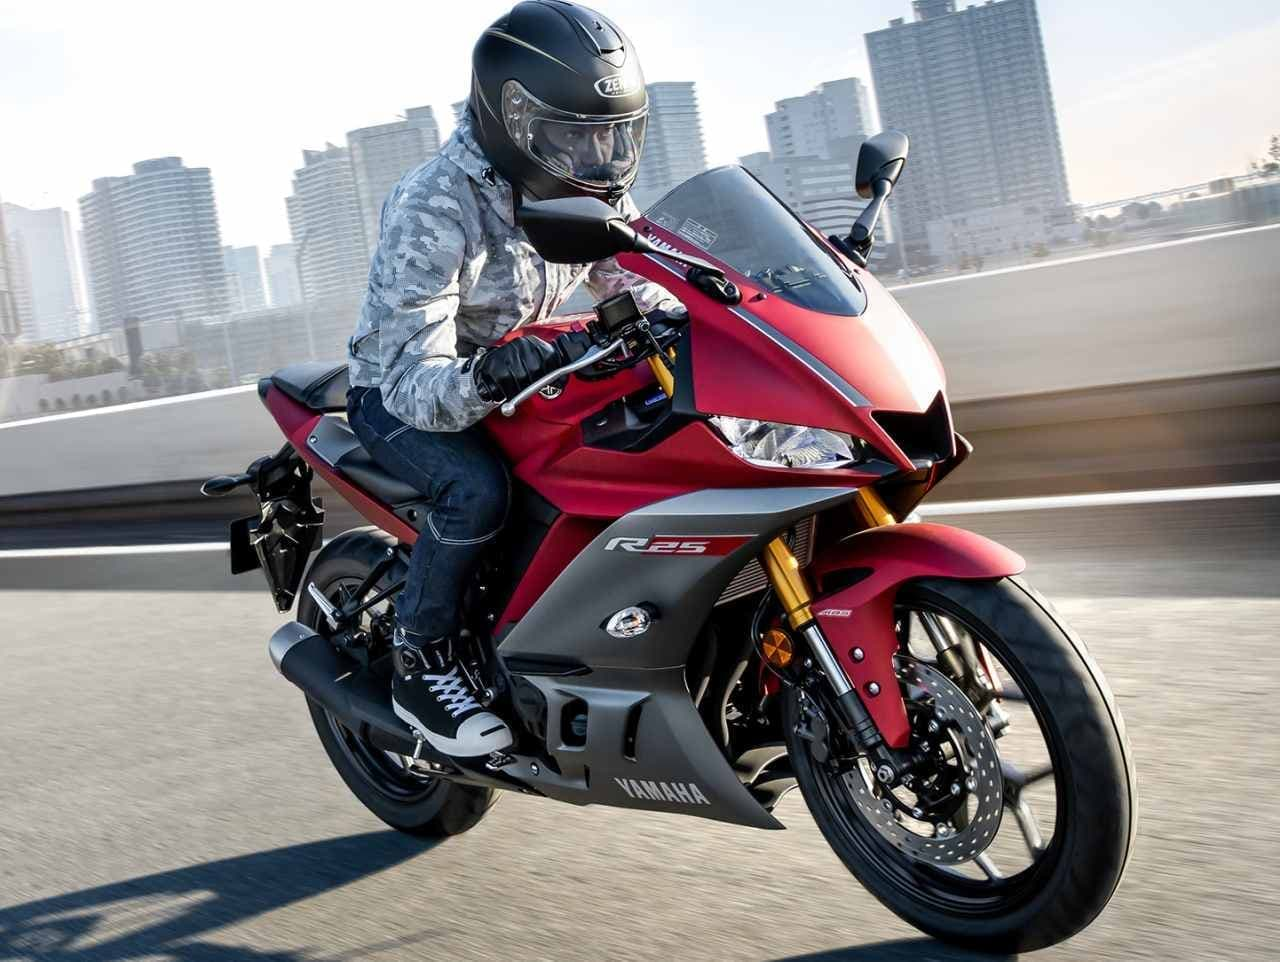 ヤマハ「YZF-R25」マイチェン ― MotoGPマシン「YZR-M1」イメージを強調